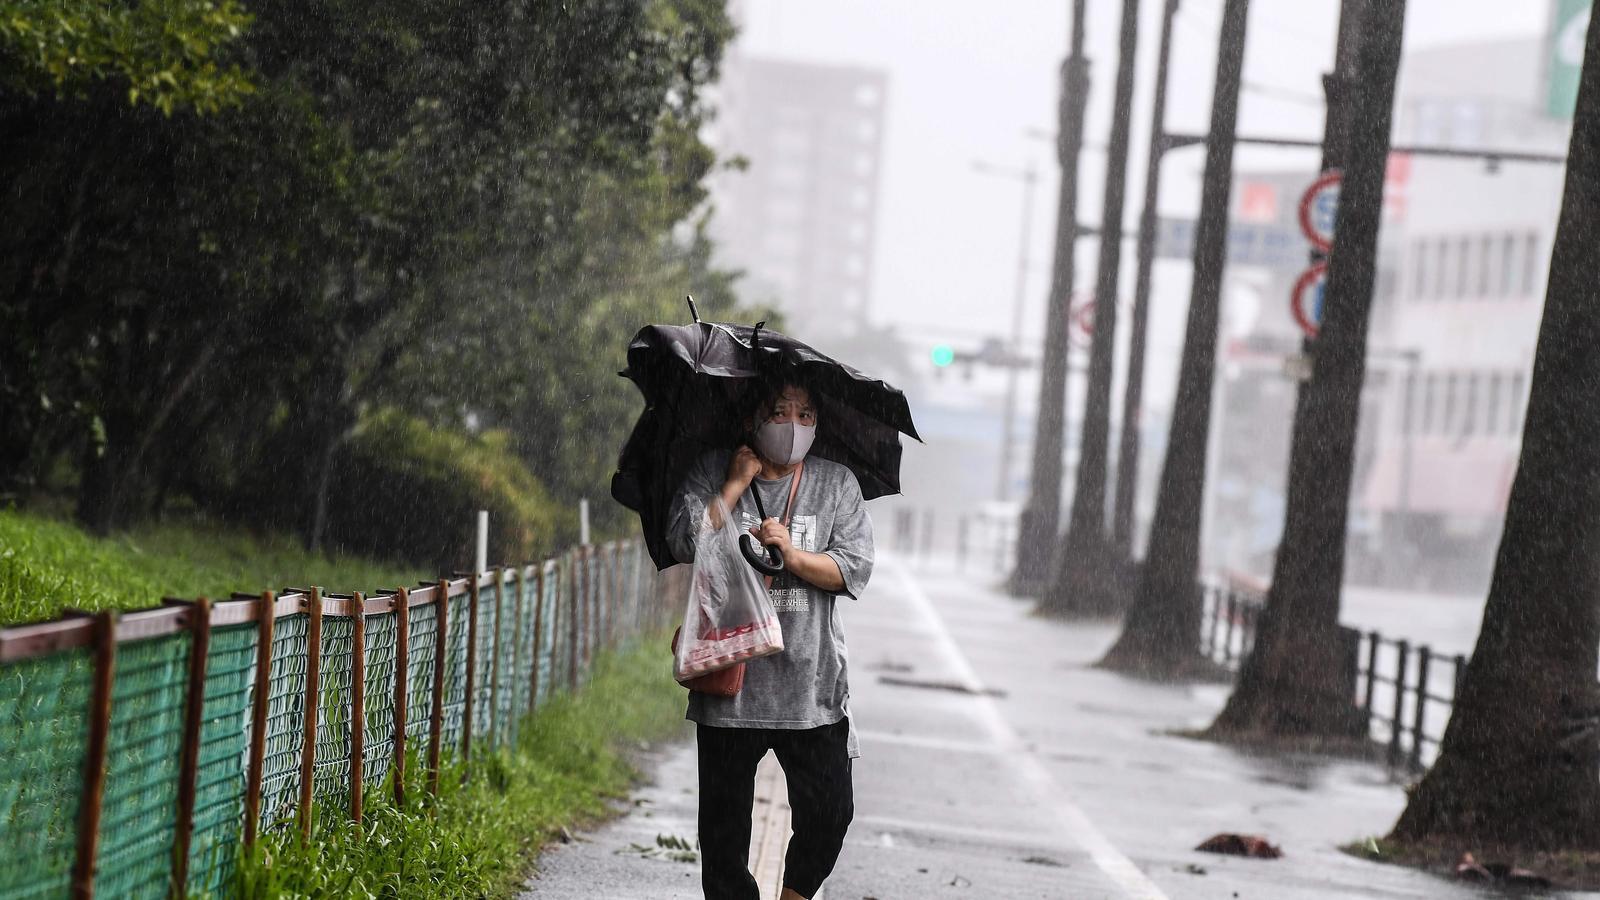 Una dona camina per un carrer de la ciutat nipona de Kagoshima, que les autoritats han sol·licitat que sigui evacuada